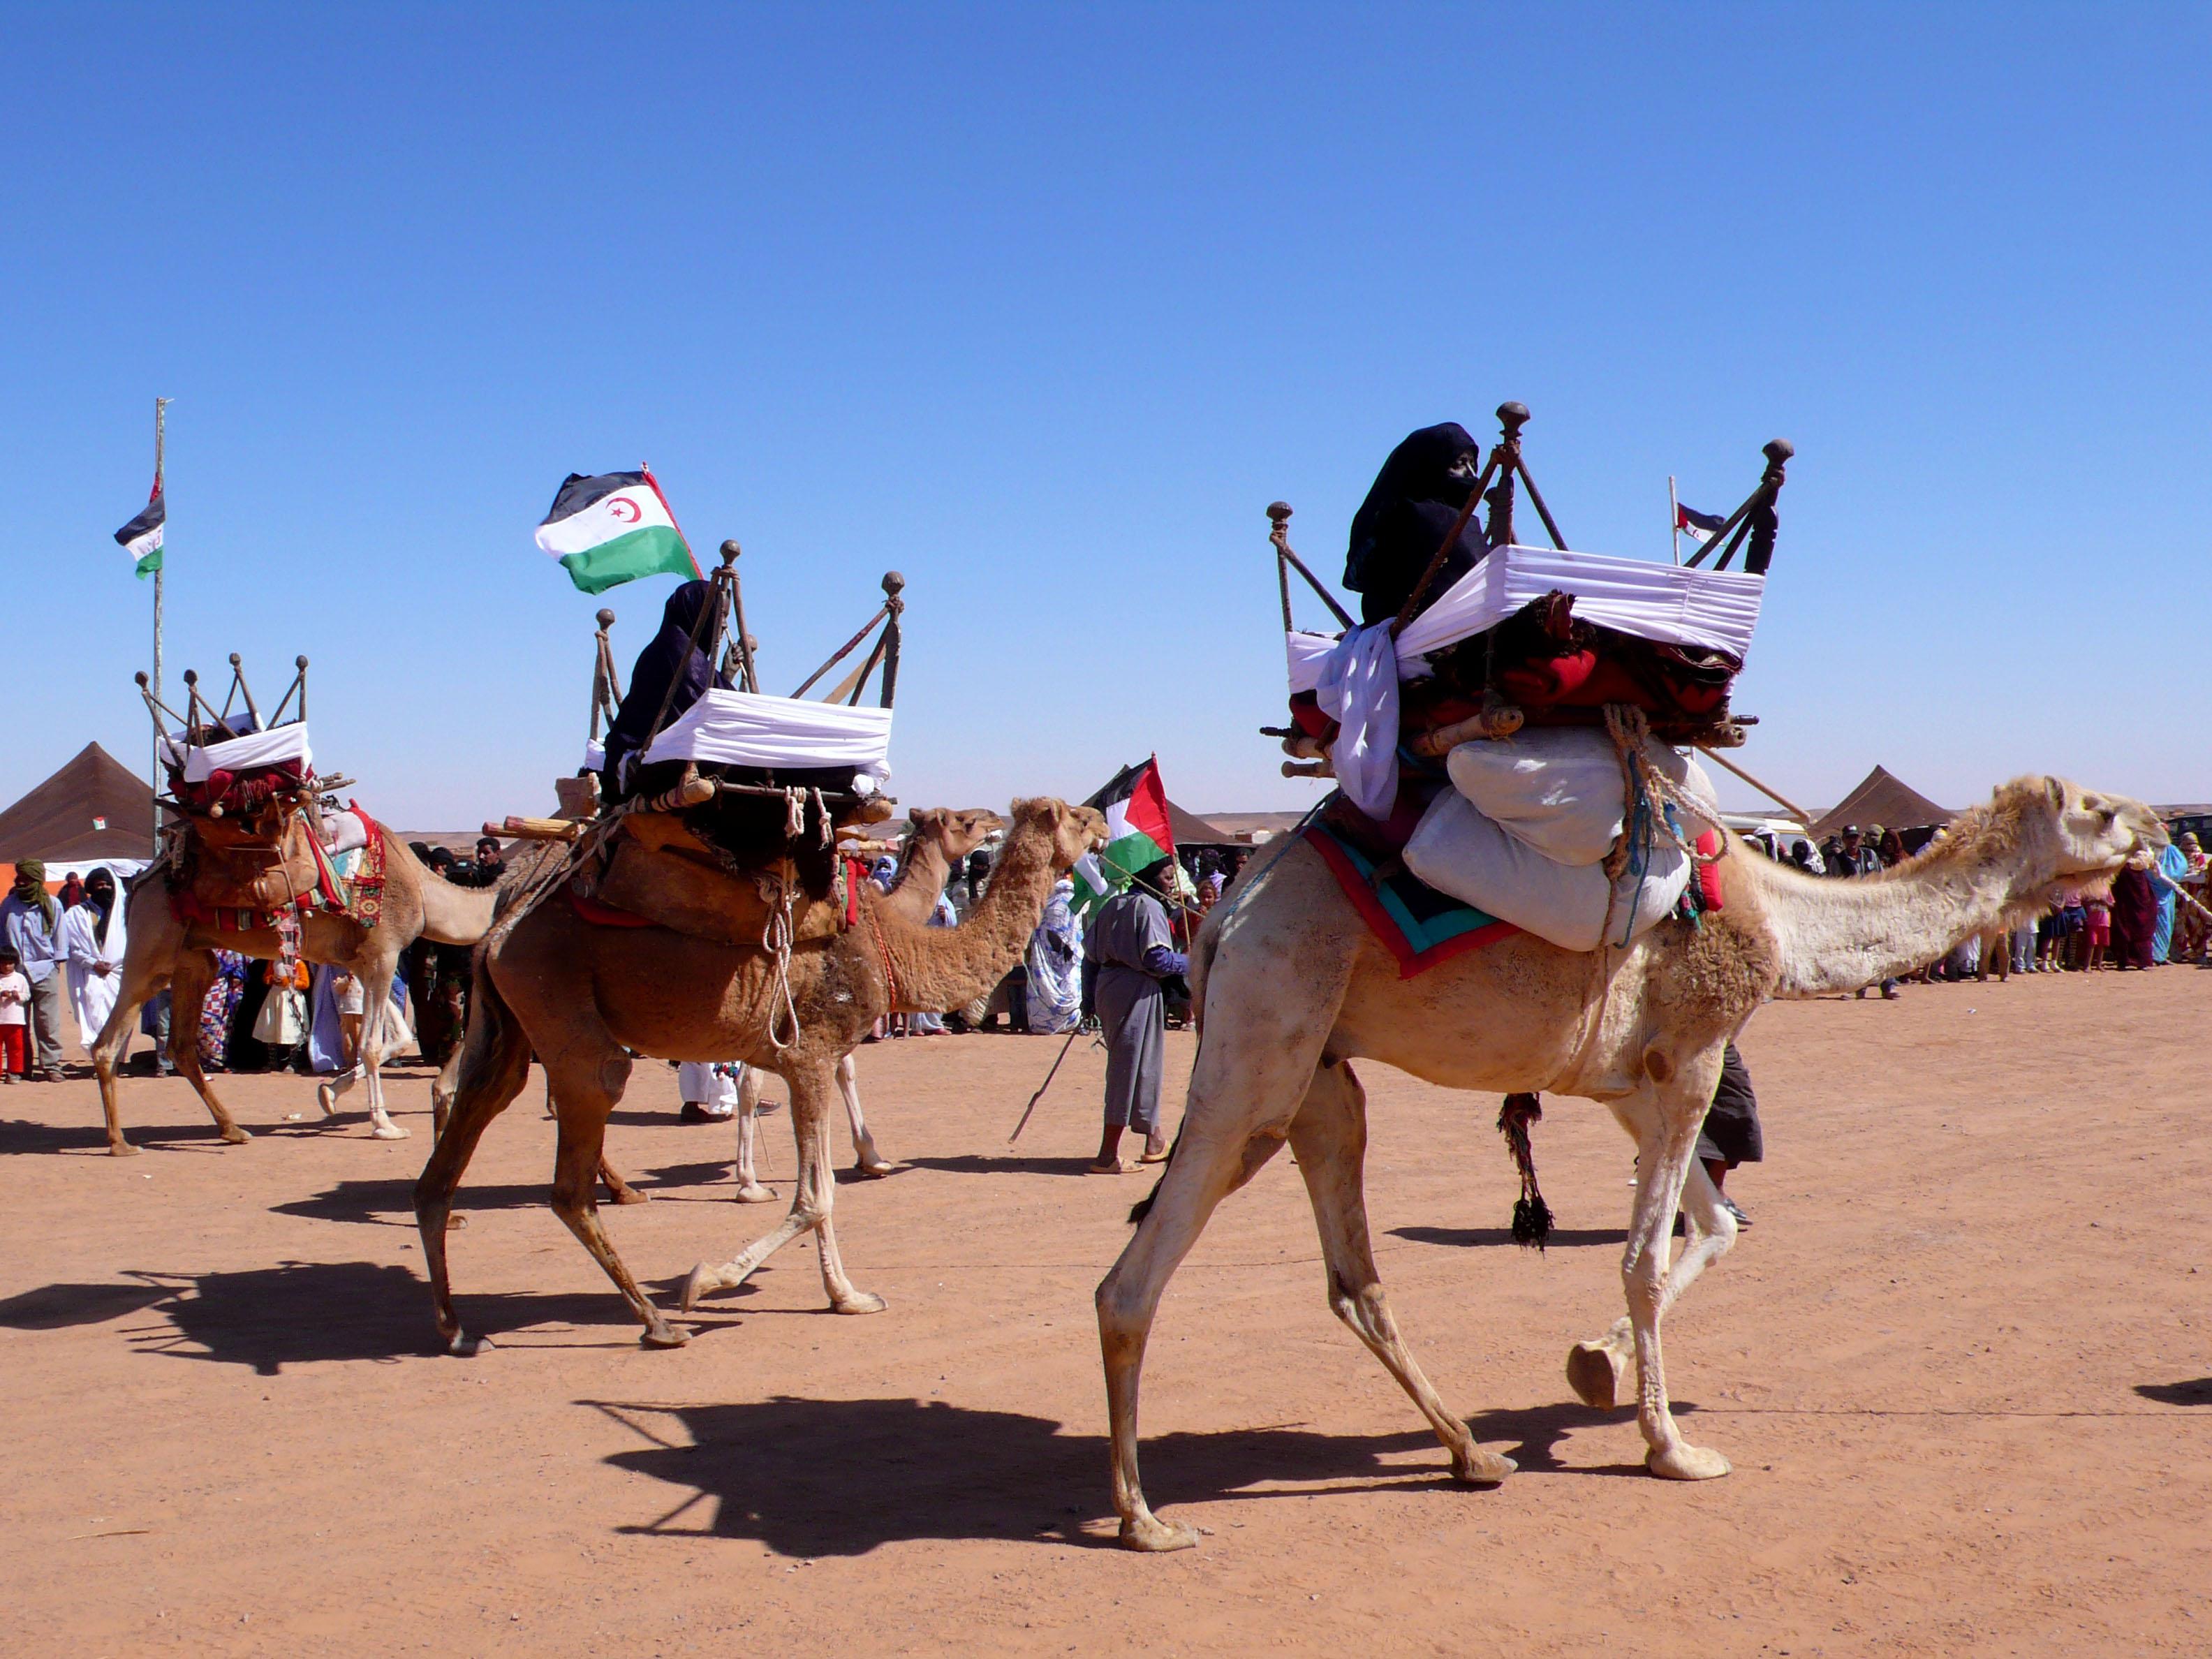 Archivo Exhibicion De Camellos En La Wilaya De Dajla Campamentos De Refugiados Saharauis De Tinduf Abril De 2007 Jpg Wikipedia La Enciclopedia Libre